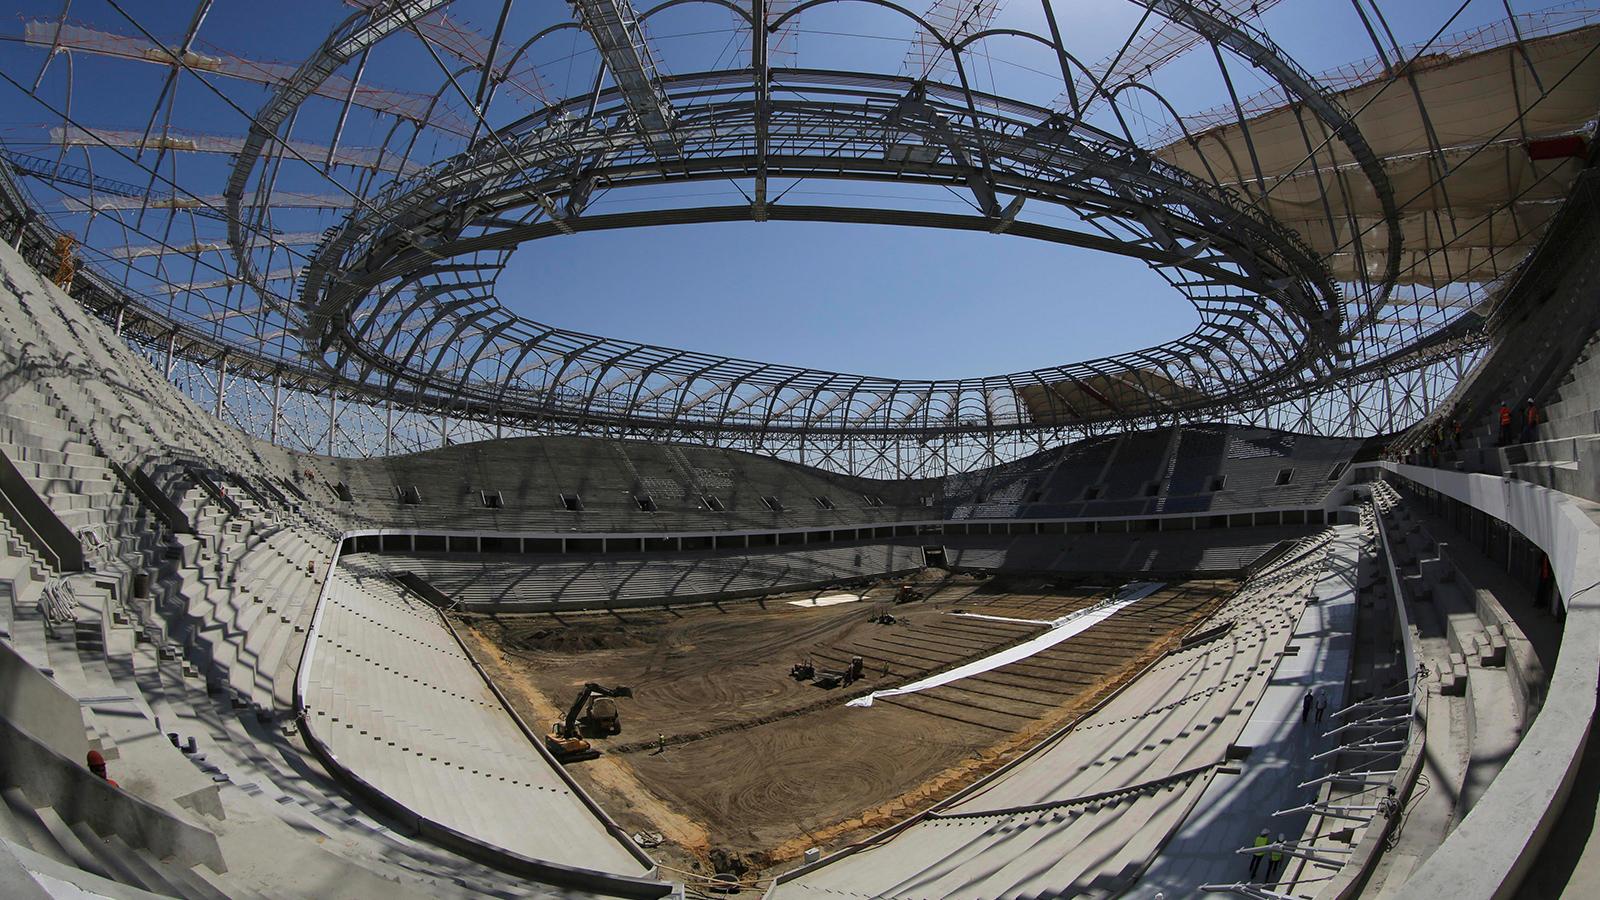 Sede Volgogrado Arena